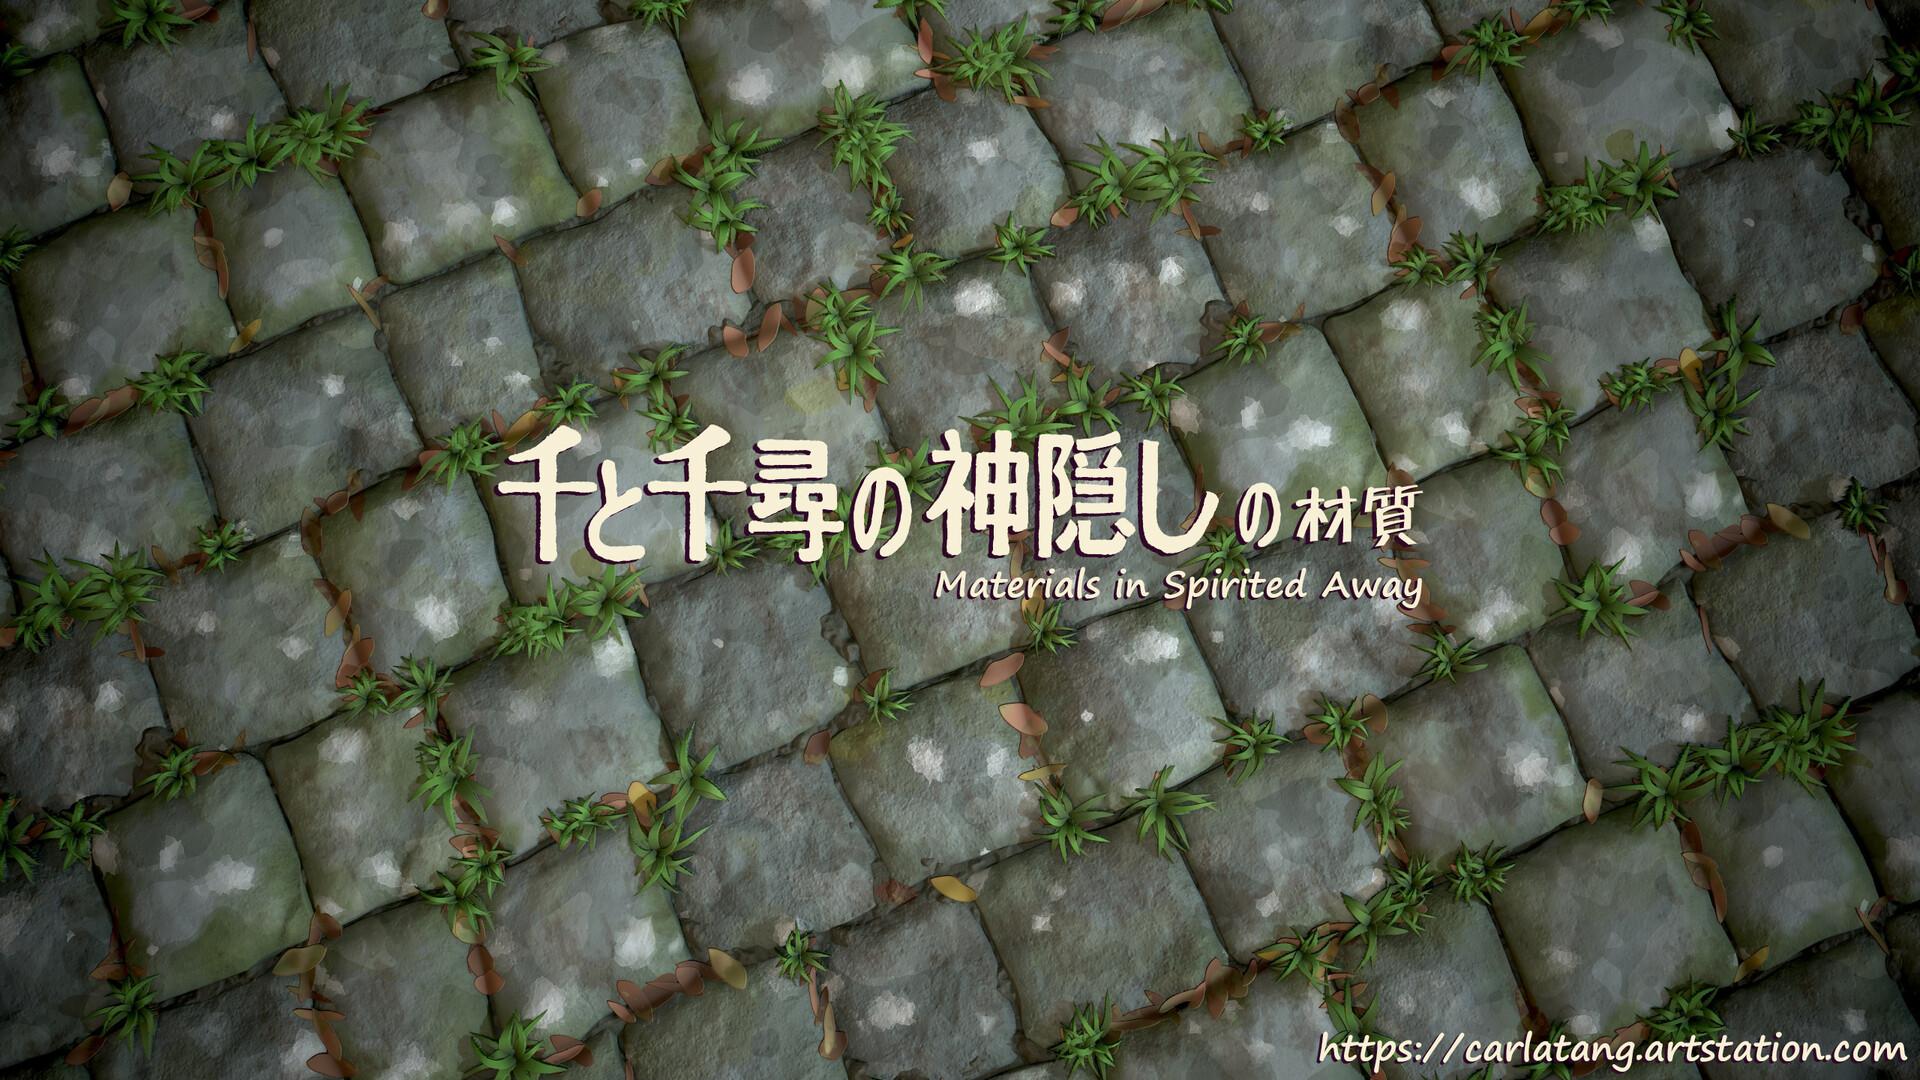 Carla tang sa stone tile preview